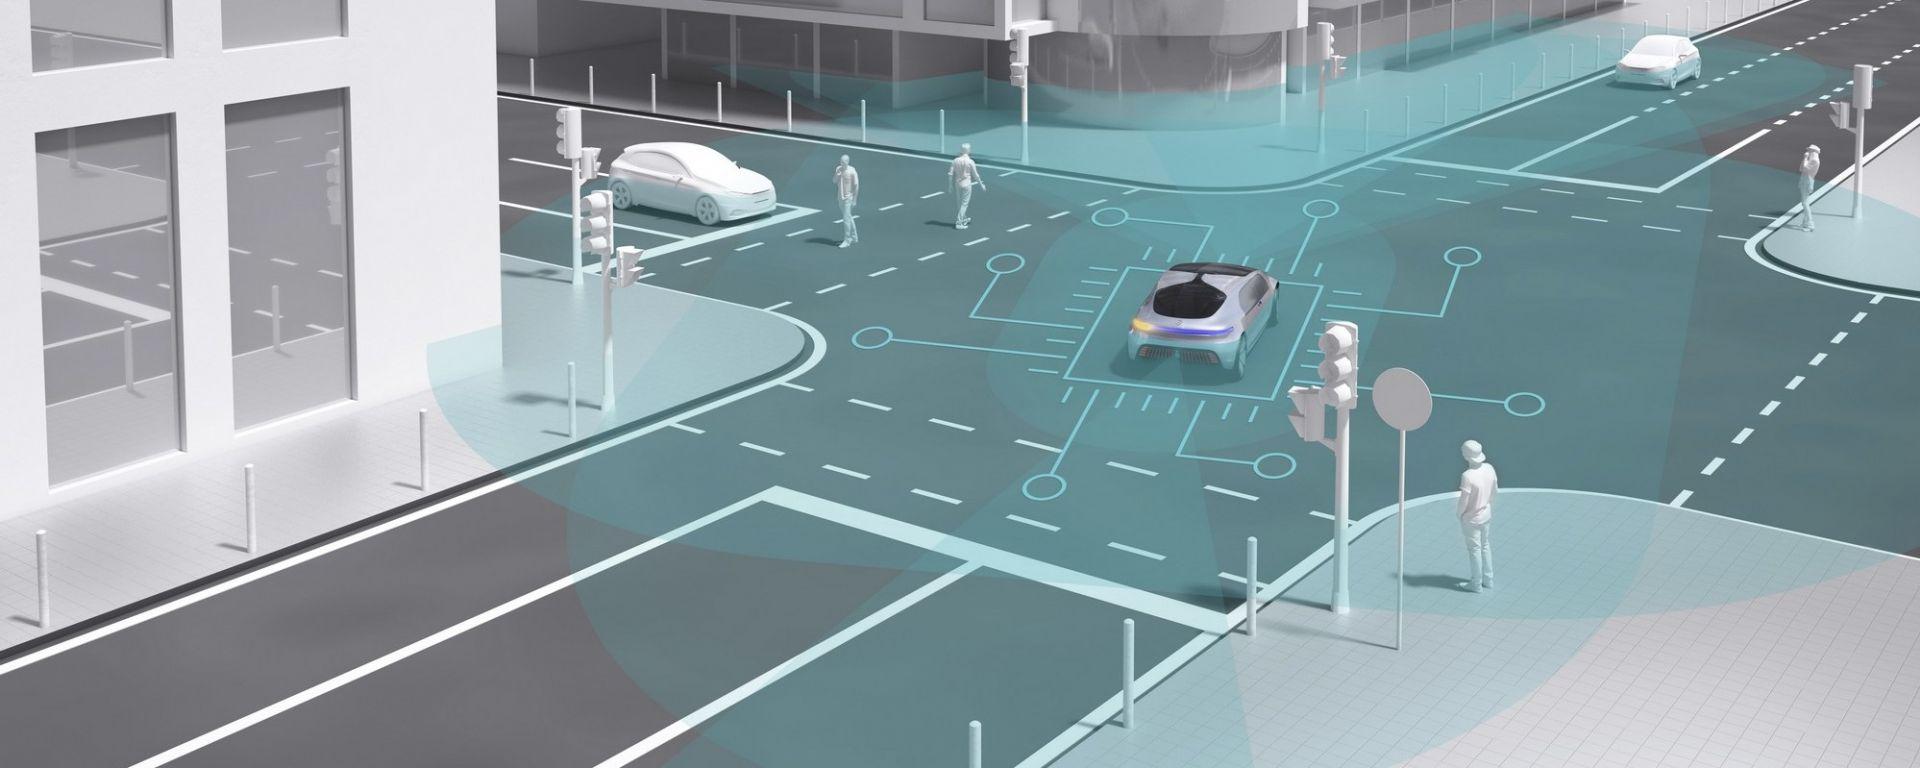 Daimler e Bosch, per il software guida autonoma la scelta cade su Nvidia